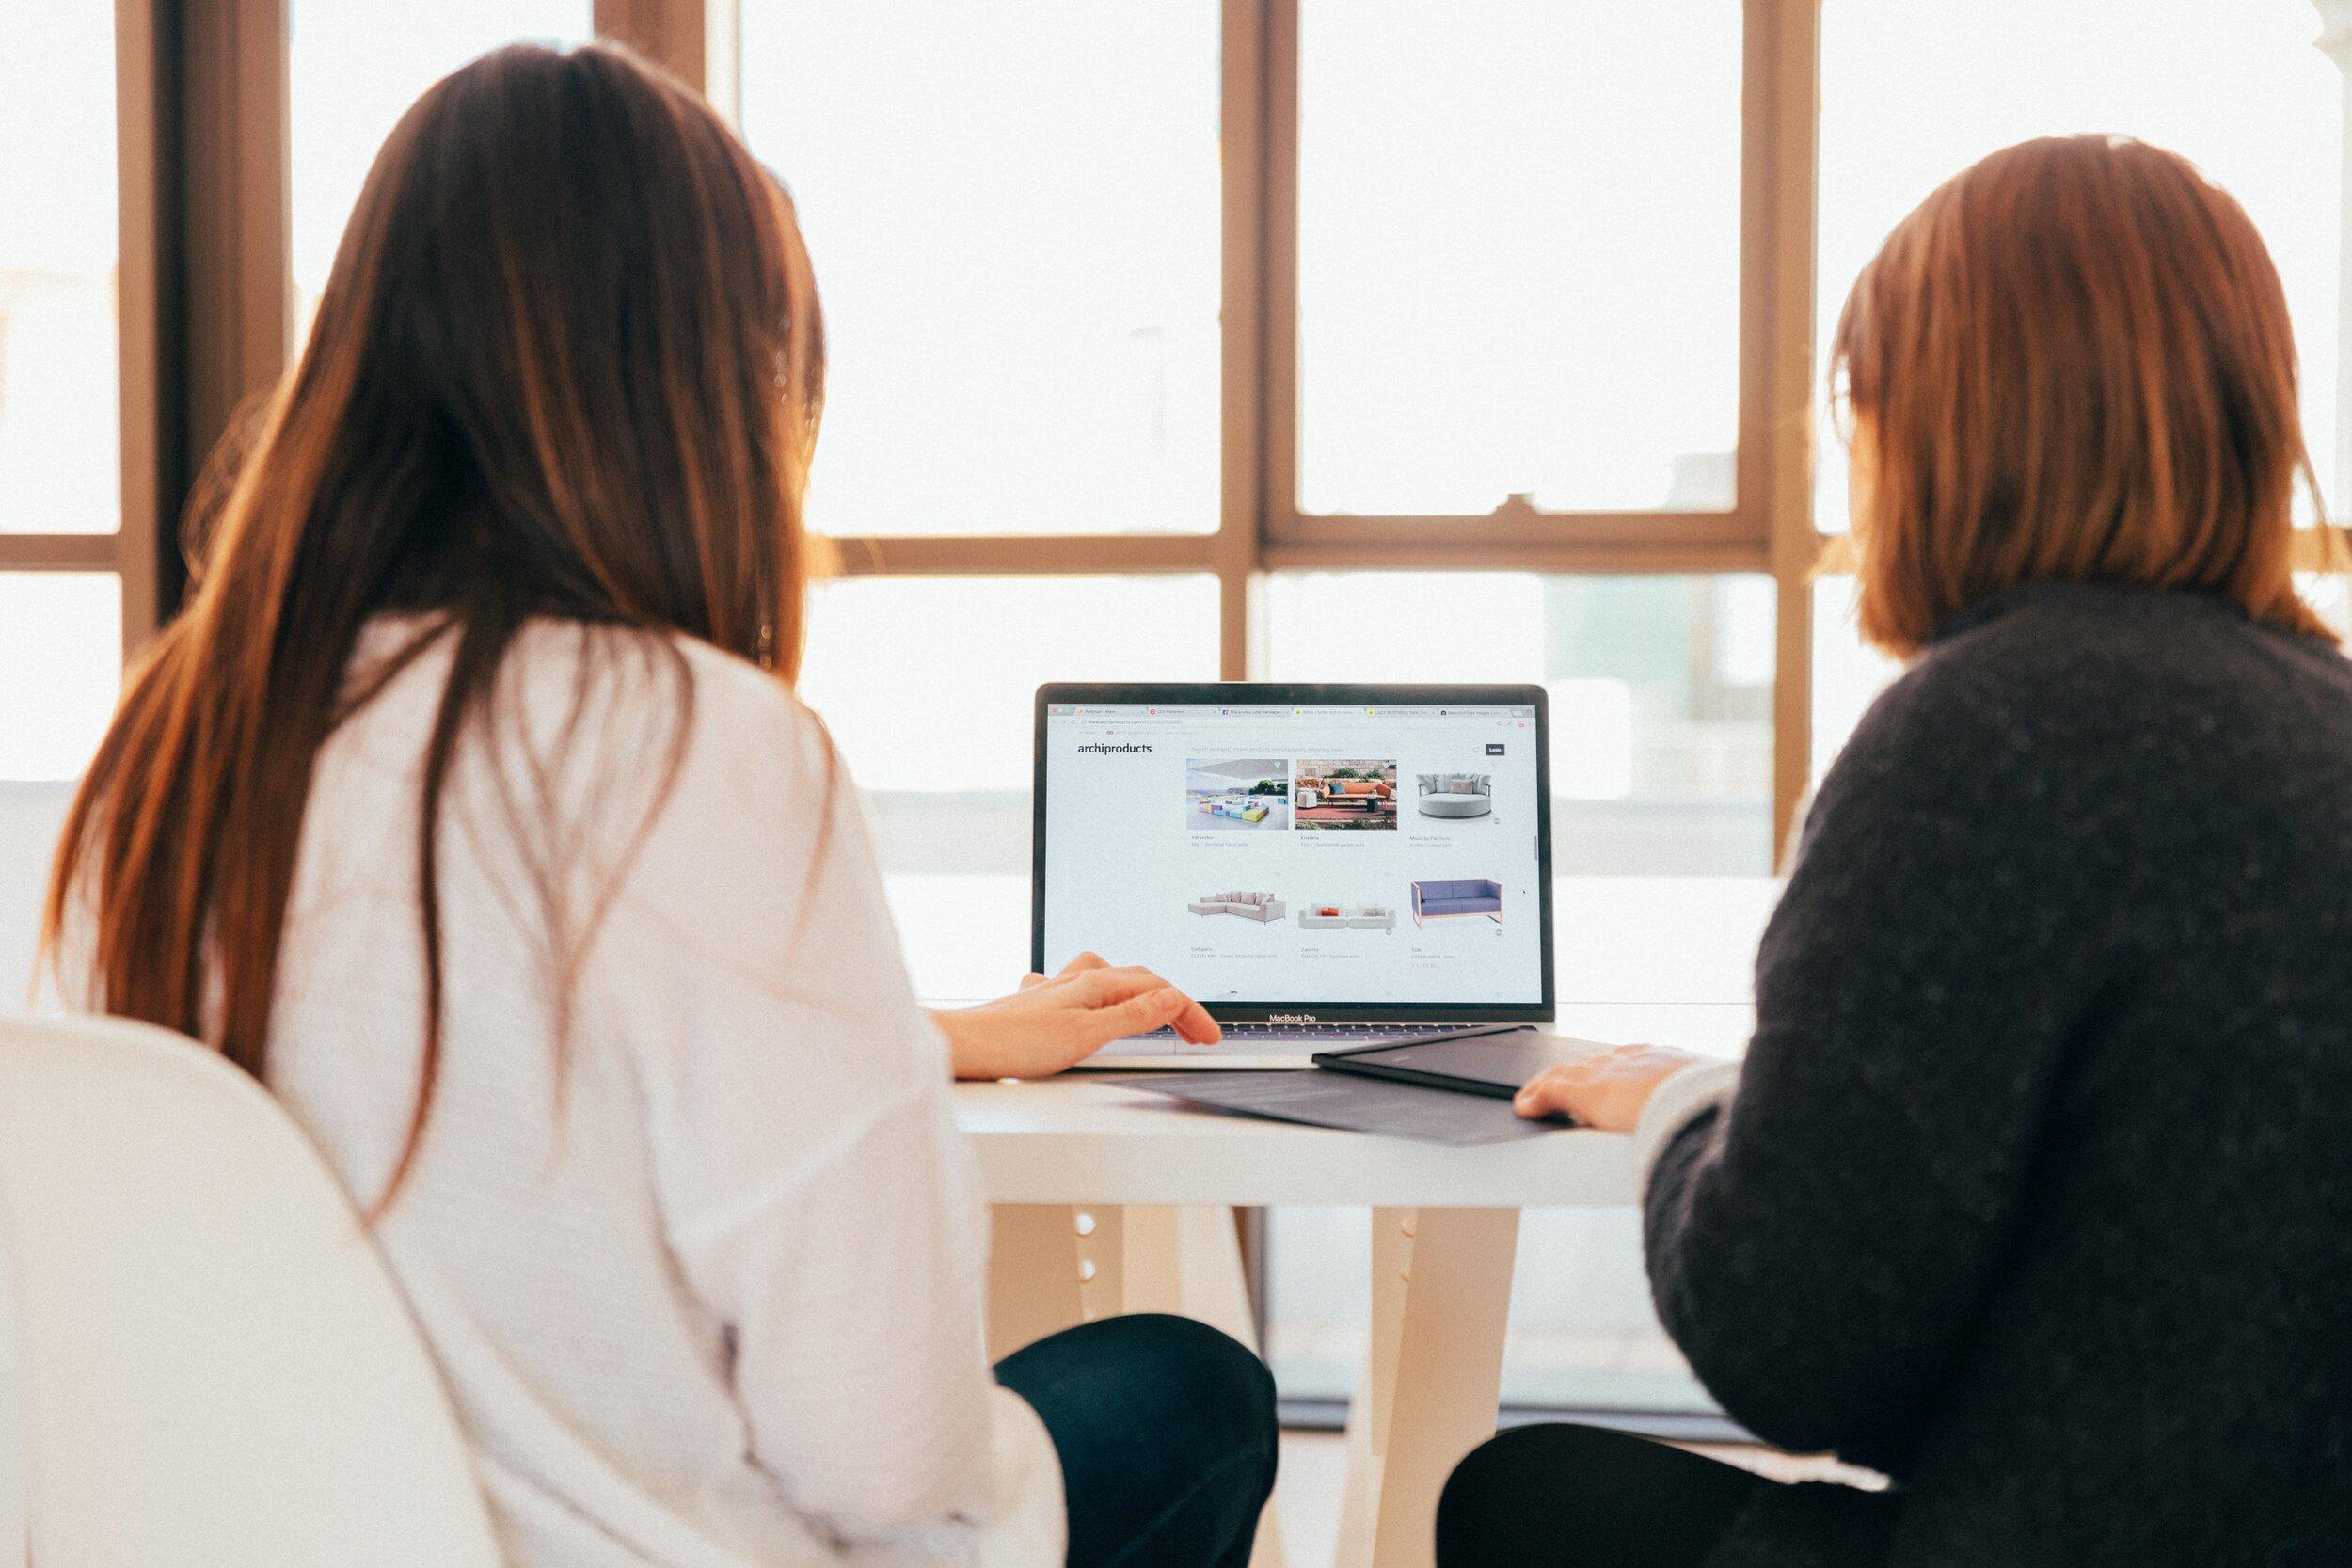 mentor moment image.jpg